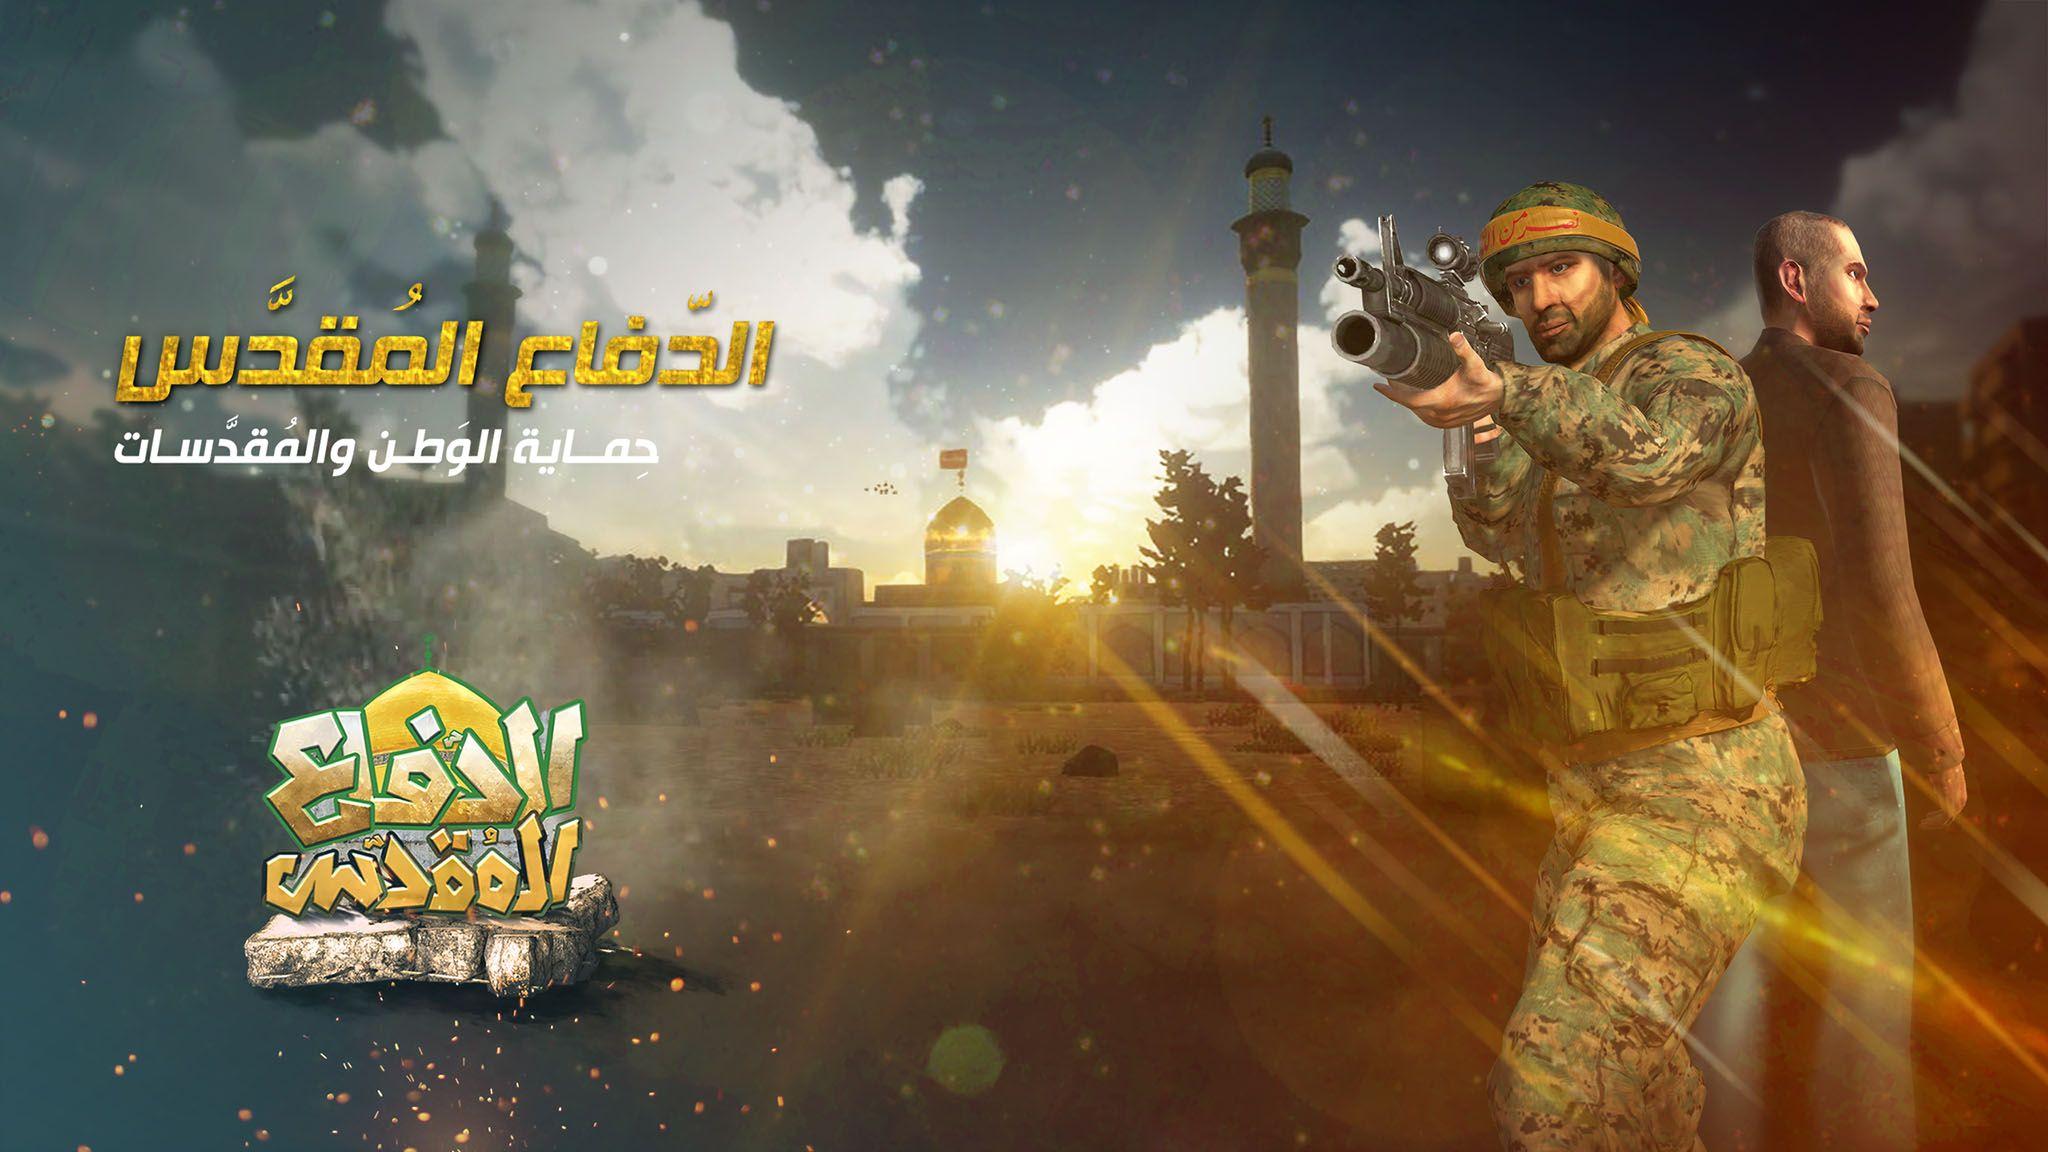 Hezbollahgame2